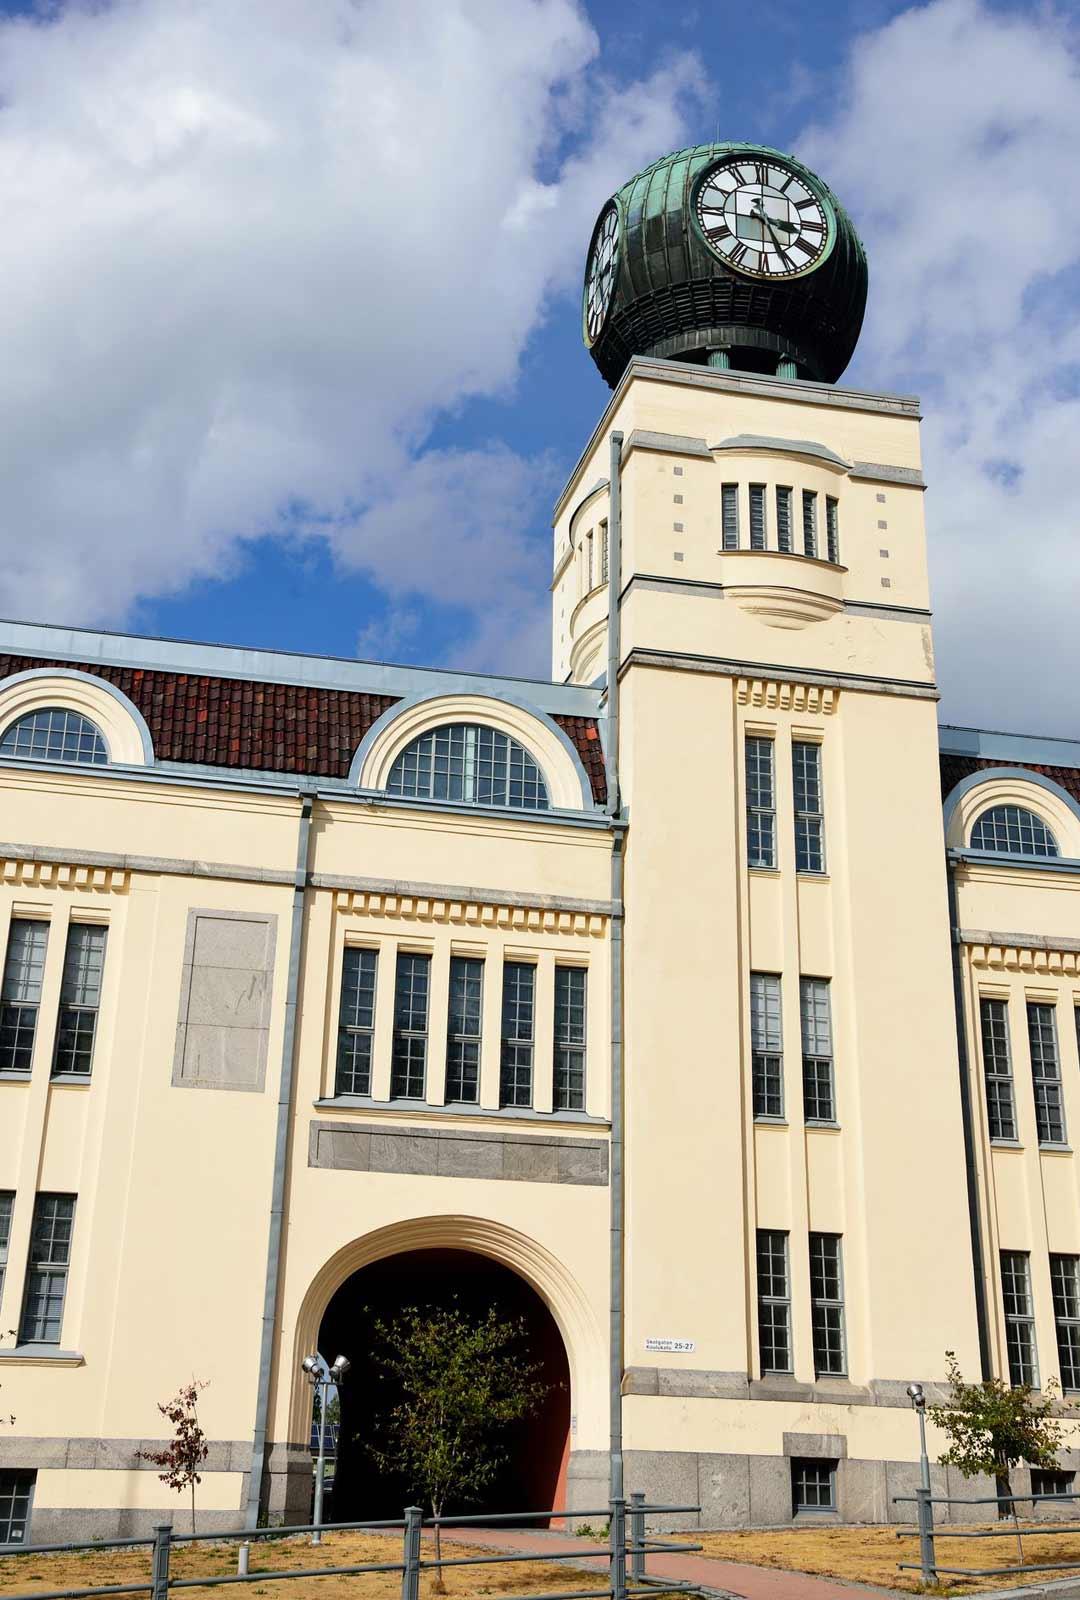 Strengbergin tupakkatehtaan vuonna 1909 valmistunut laajennusosa kellotorneineen on Pietarsaaren maamerkki.